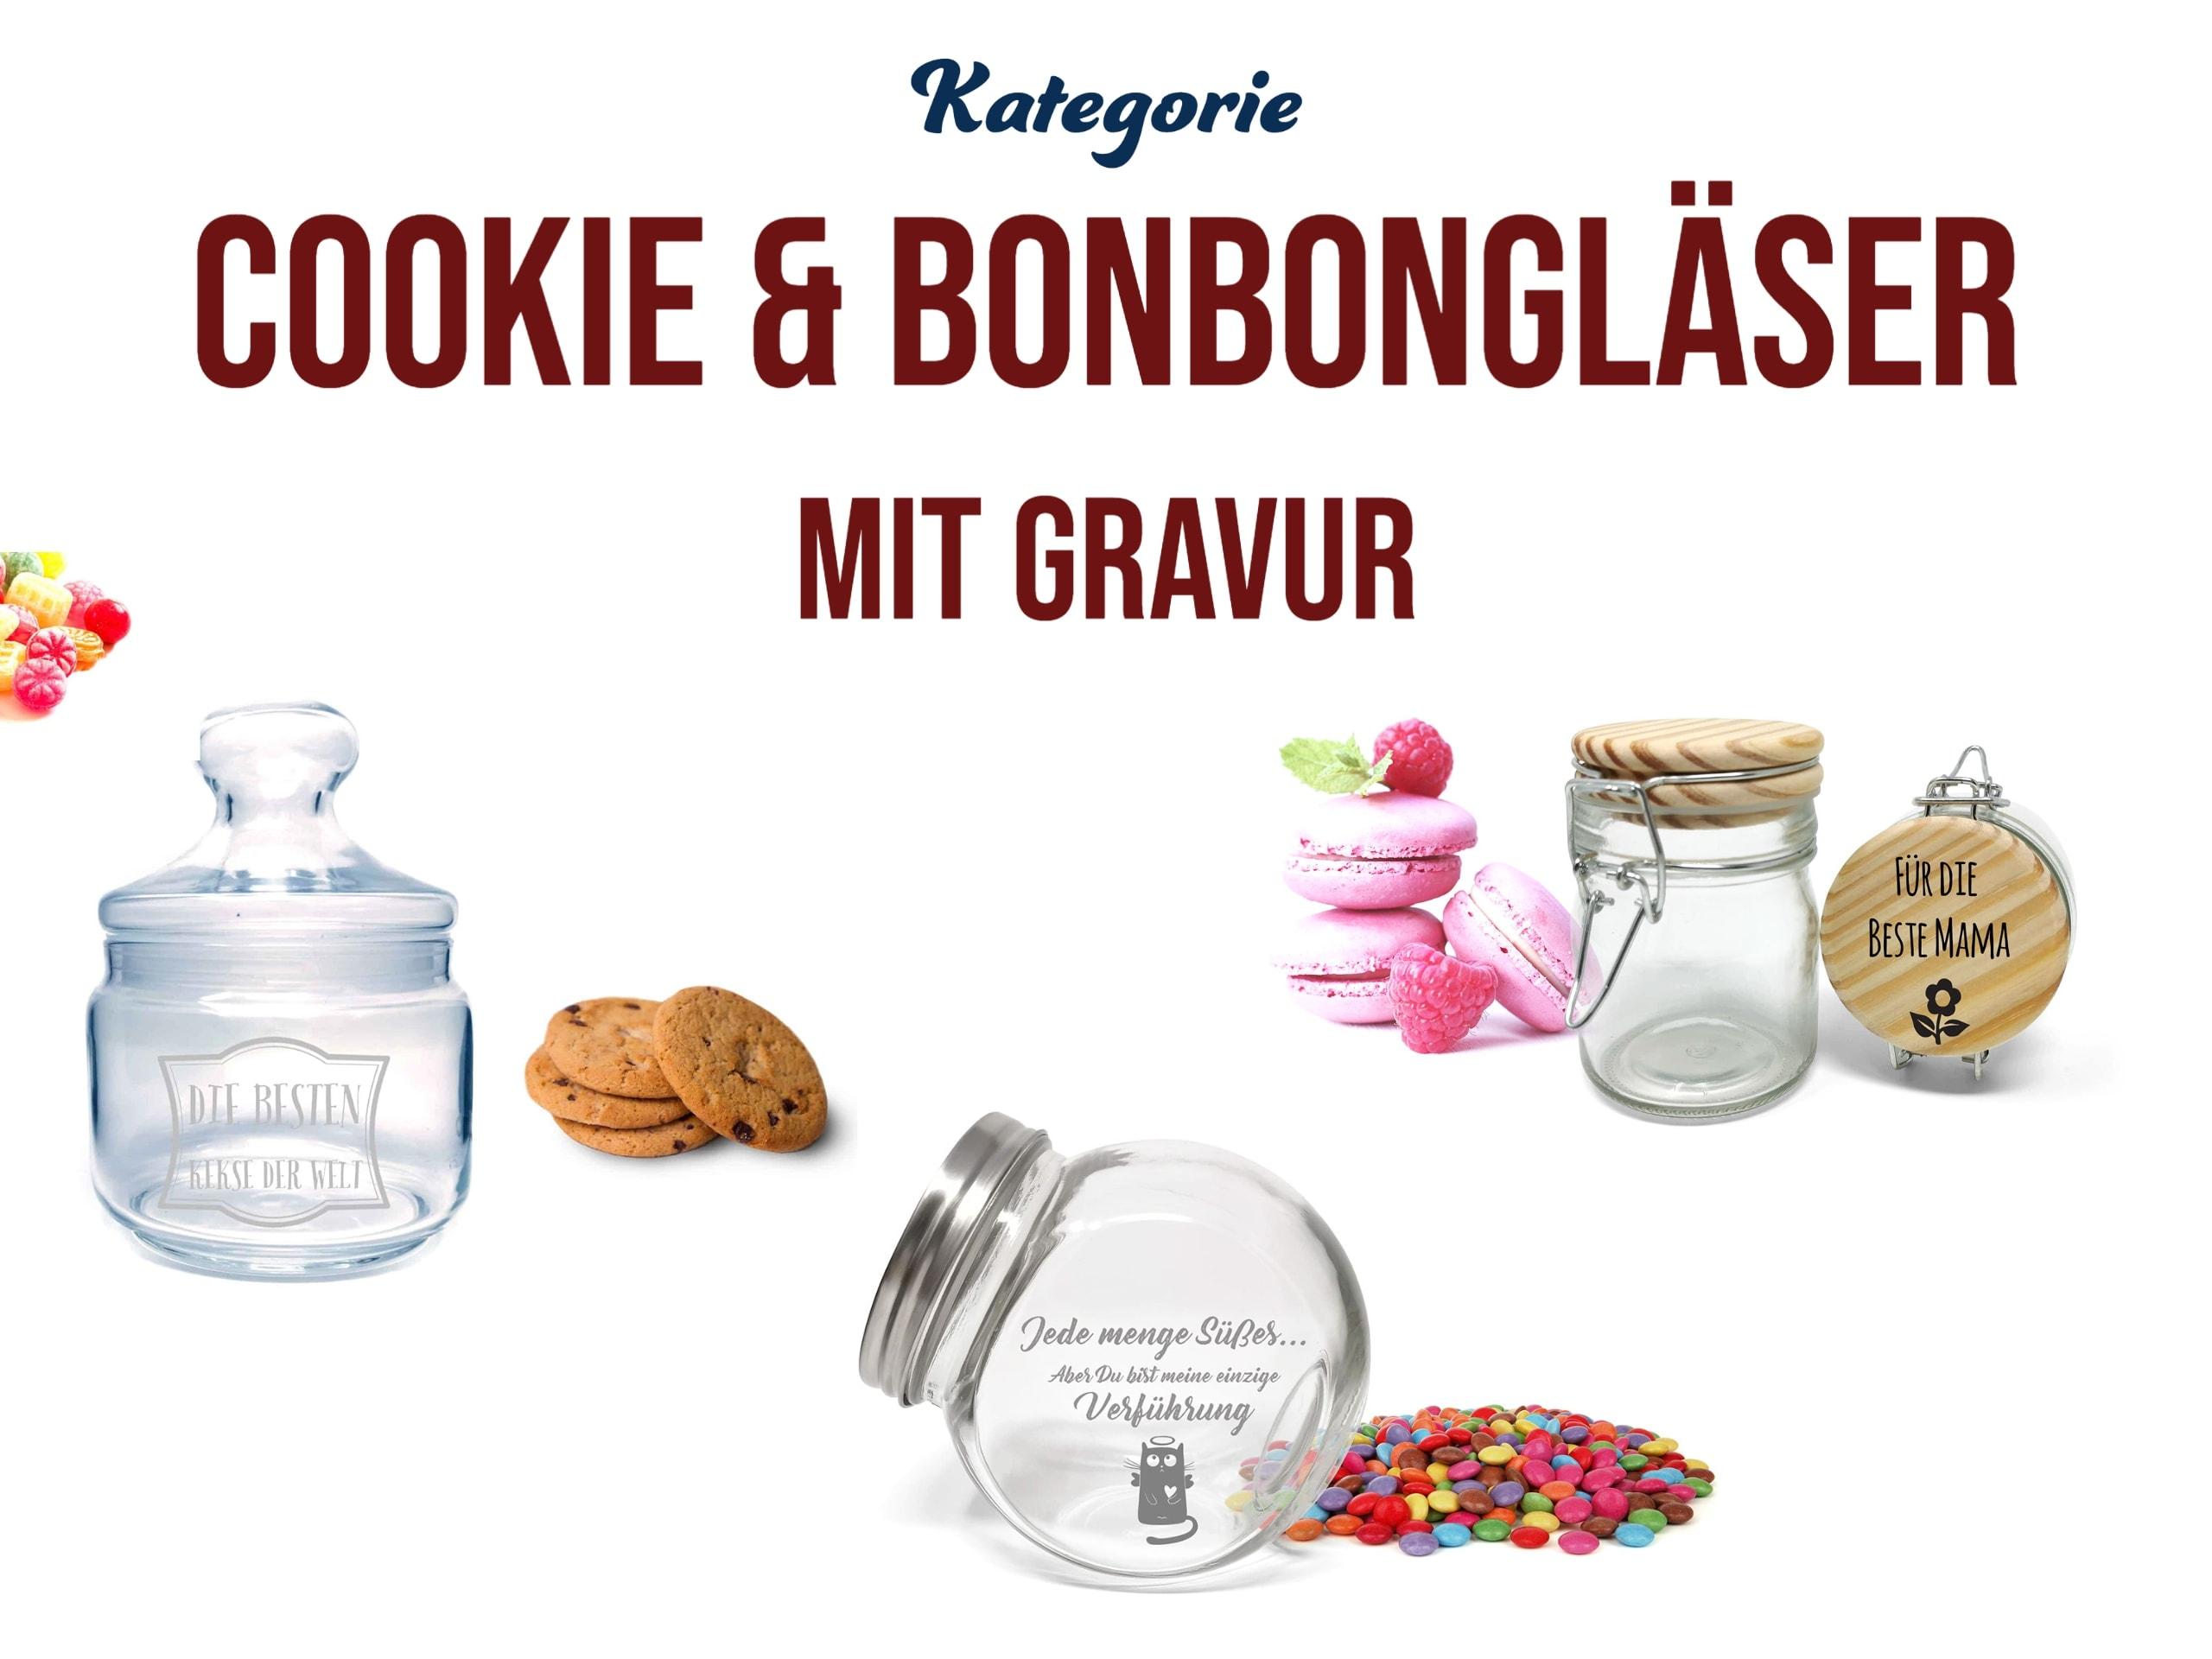 persönliches Geschenk Cookie- & Bonbongläser mit Gravur personalisieren